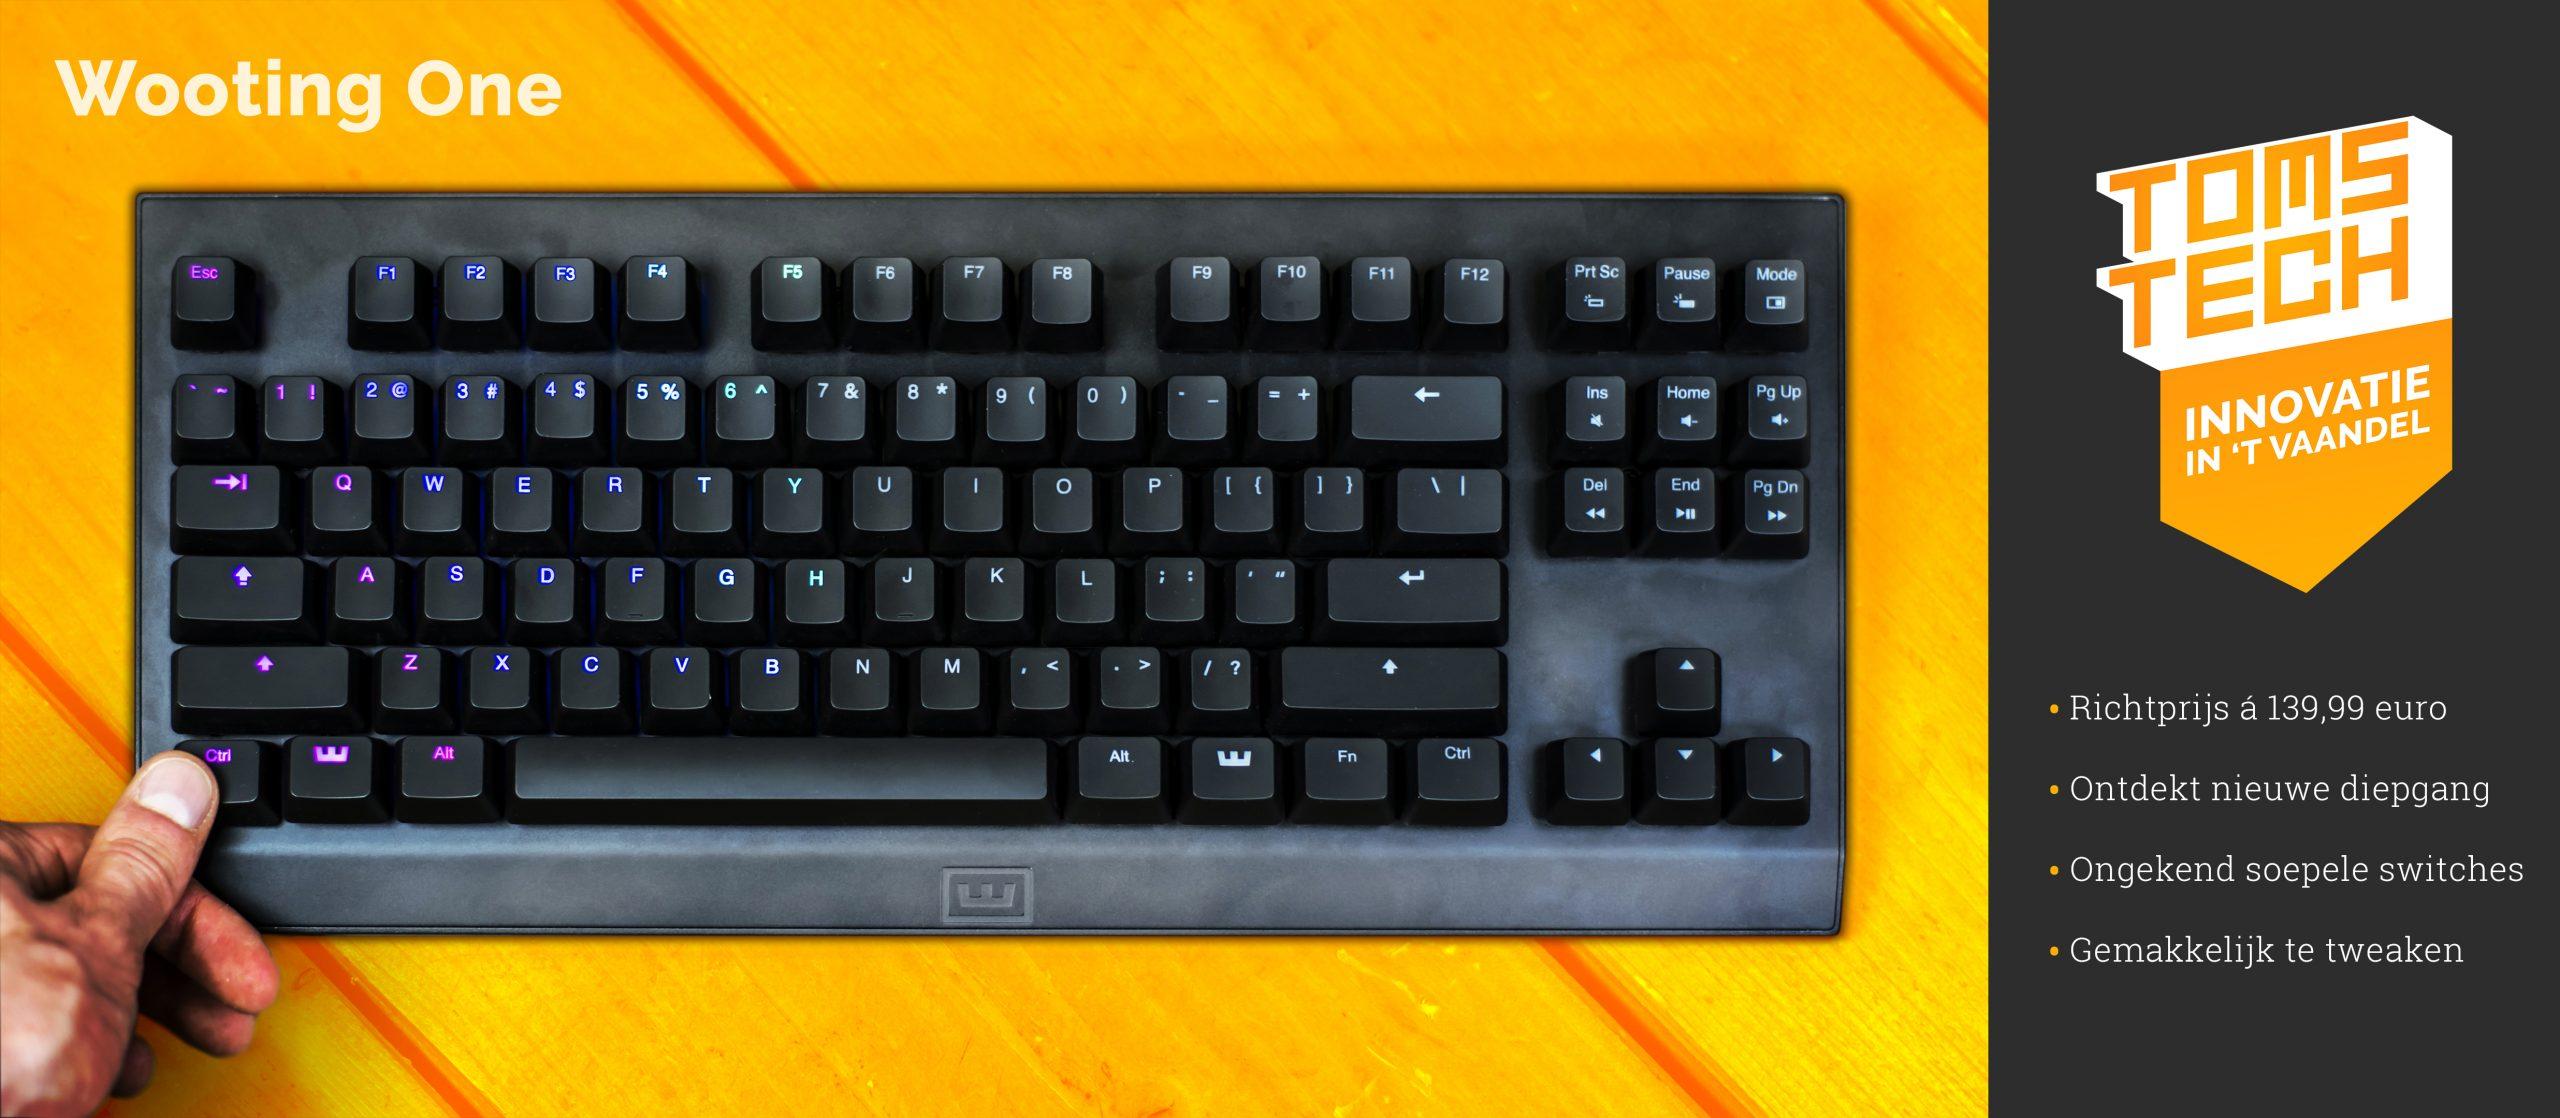 """De Wooting One valt als eerste in de prijzen onder """"Innovatie in 't Vaandel"""" — Met analoge input duikt Wooting nieuwe dieptes in voor gaming-toetsenborden."""